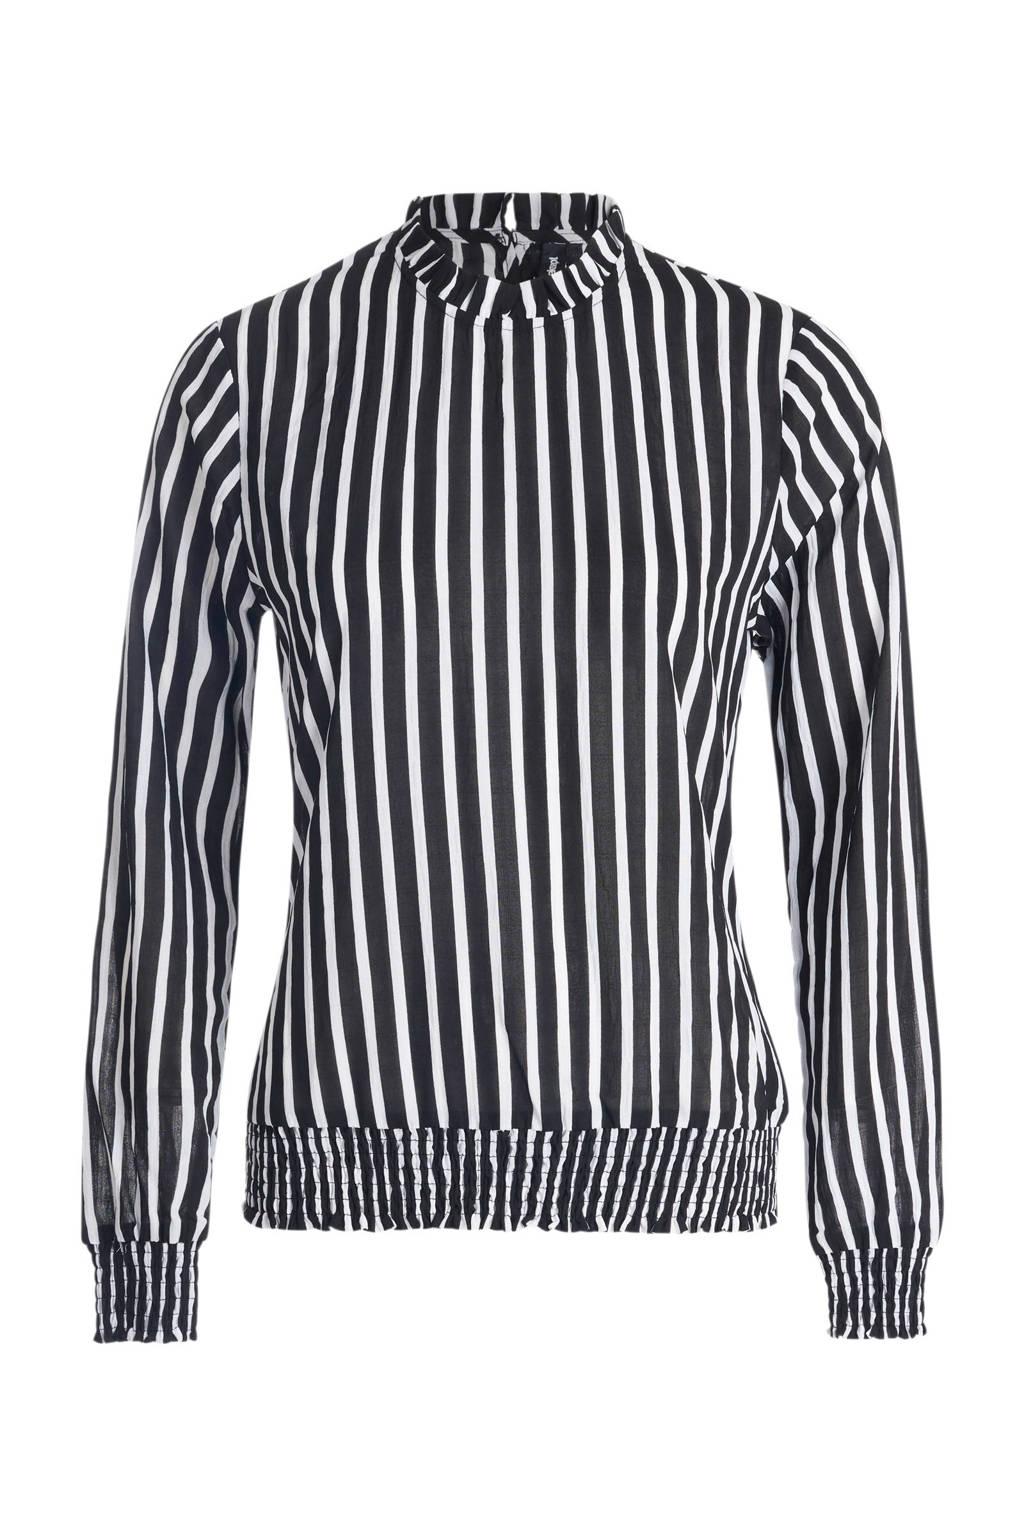 Eksept maggy blouse met een all over streepdessin, Zwart/wit